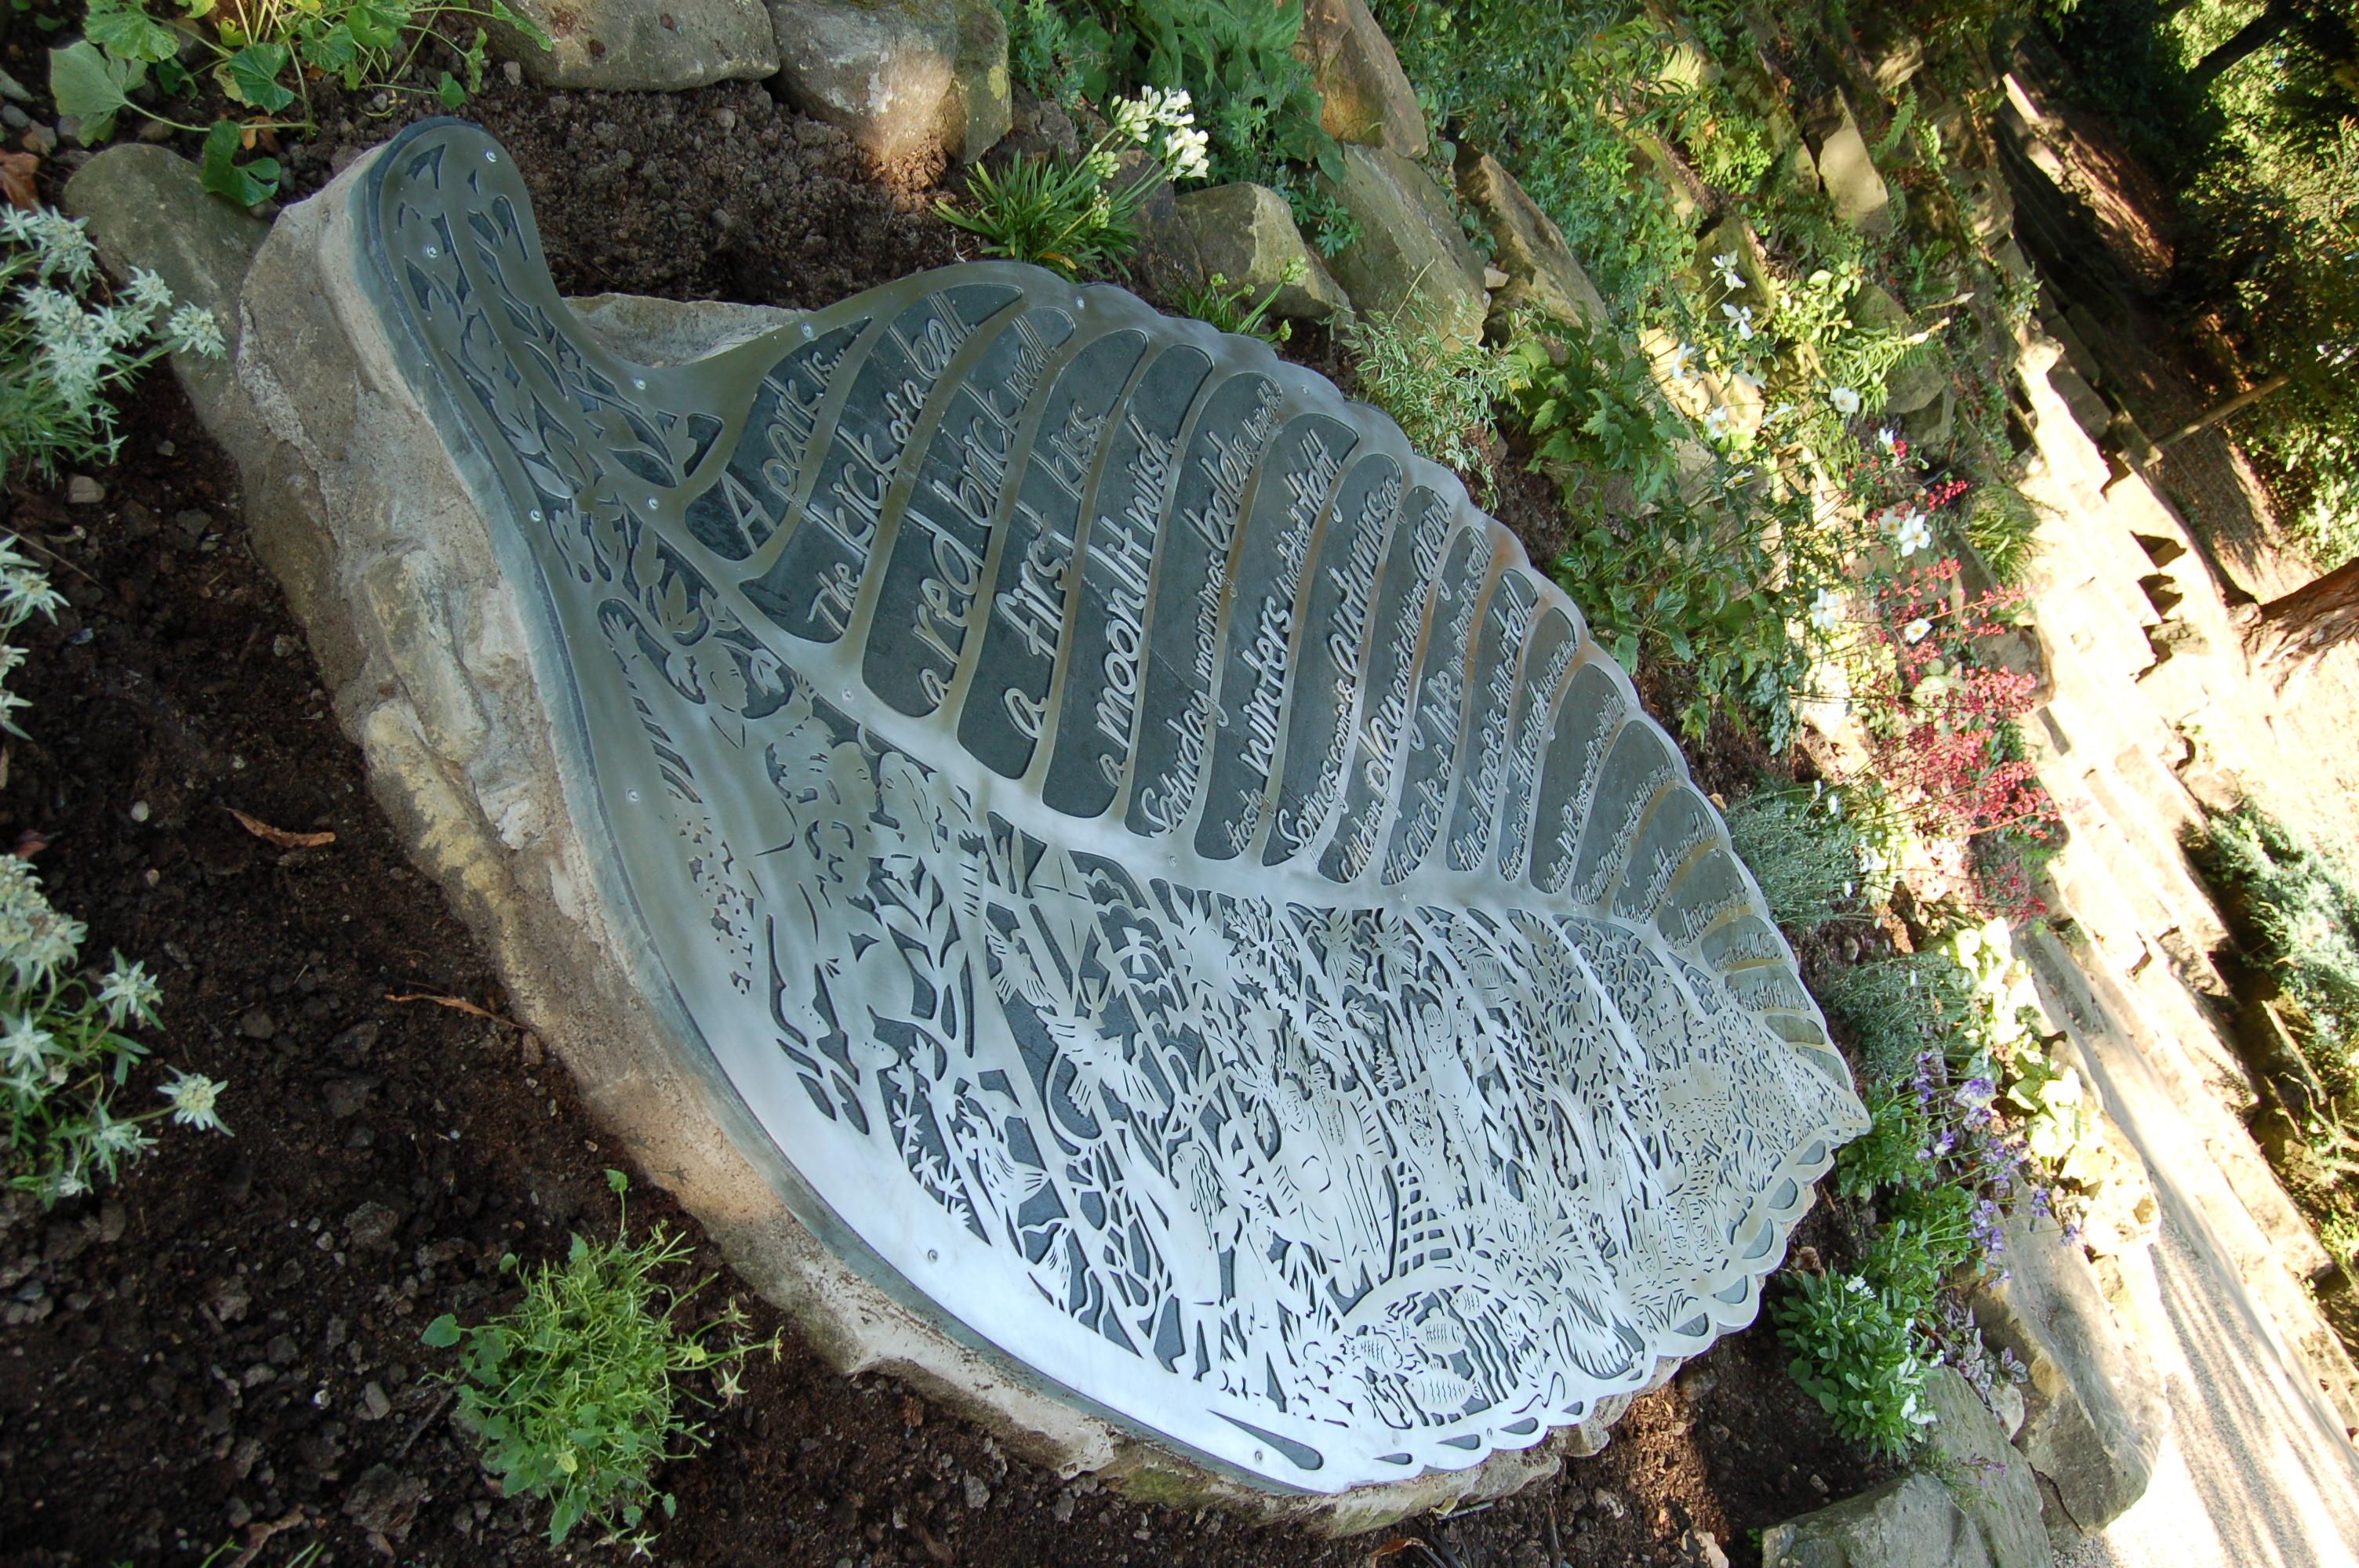 Walsall Arboretum (2)